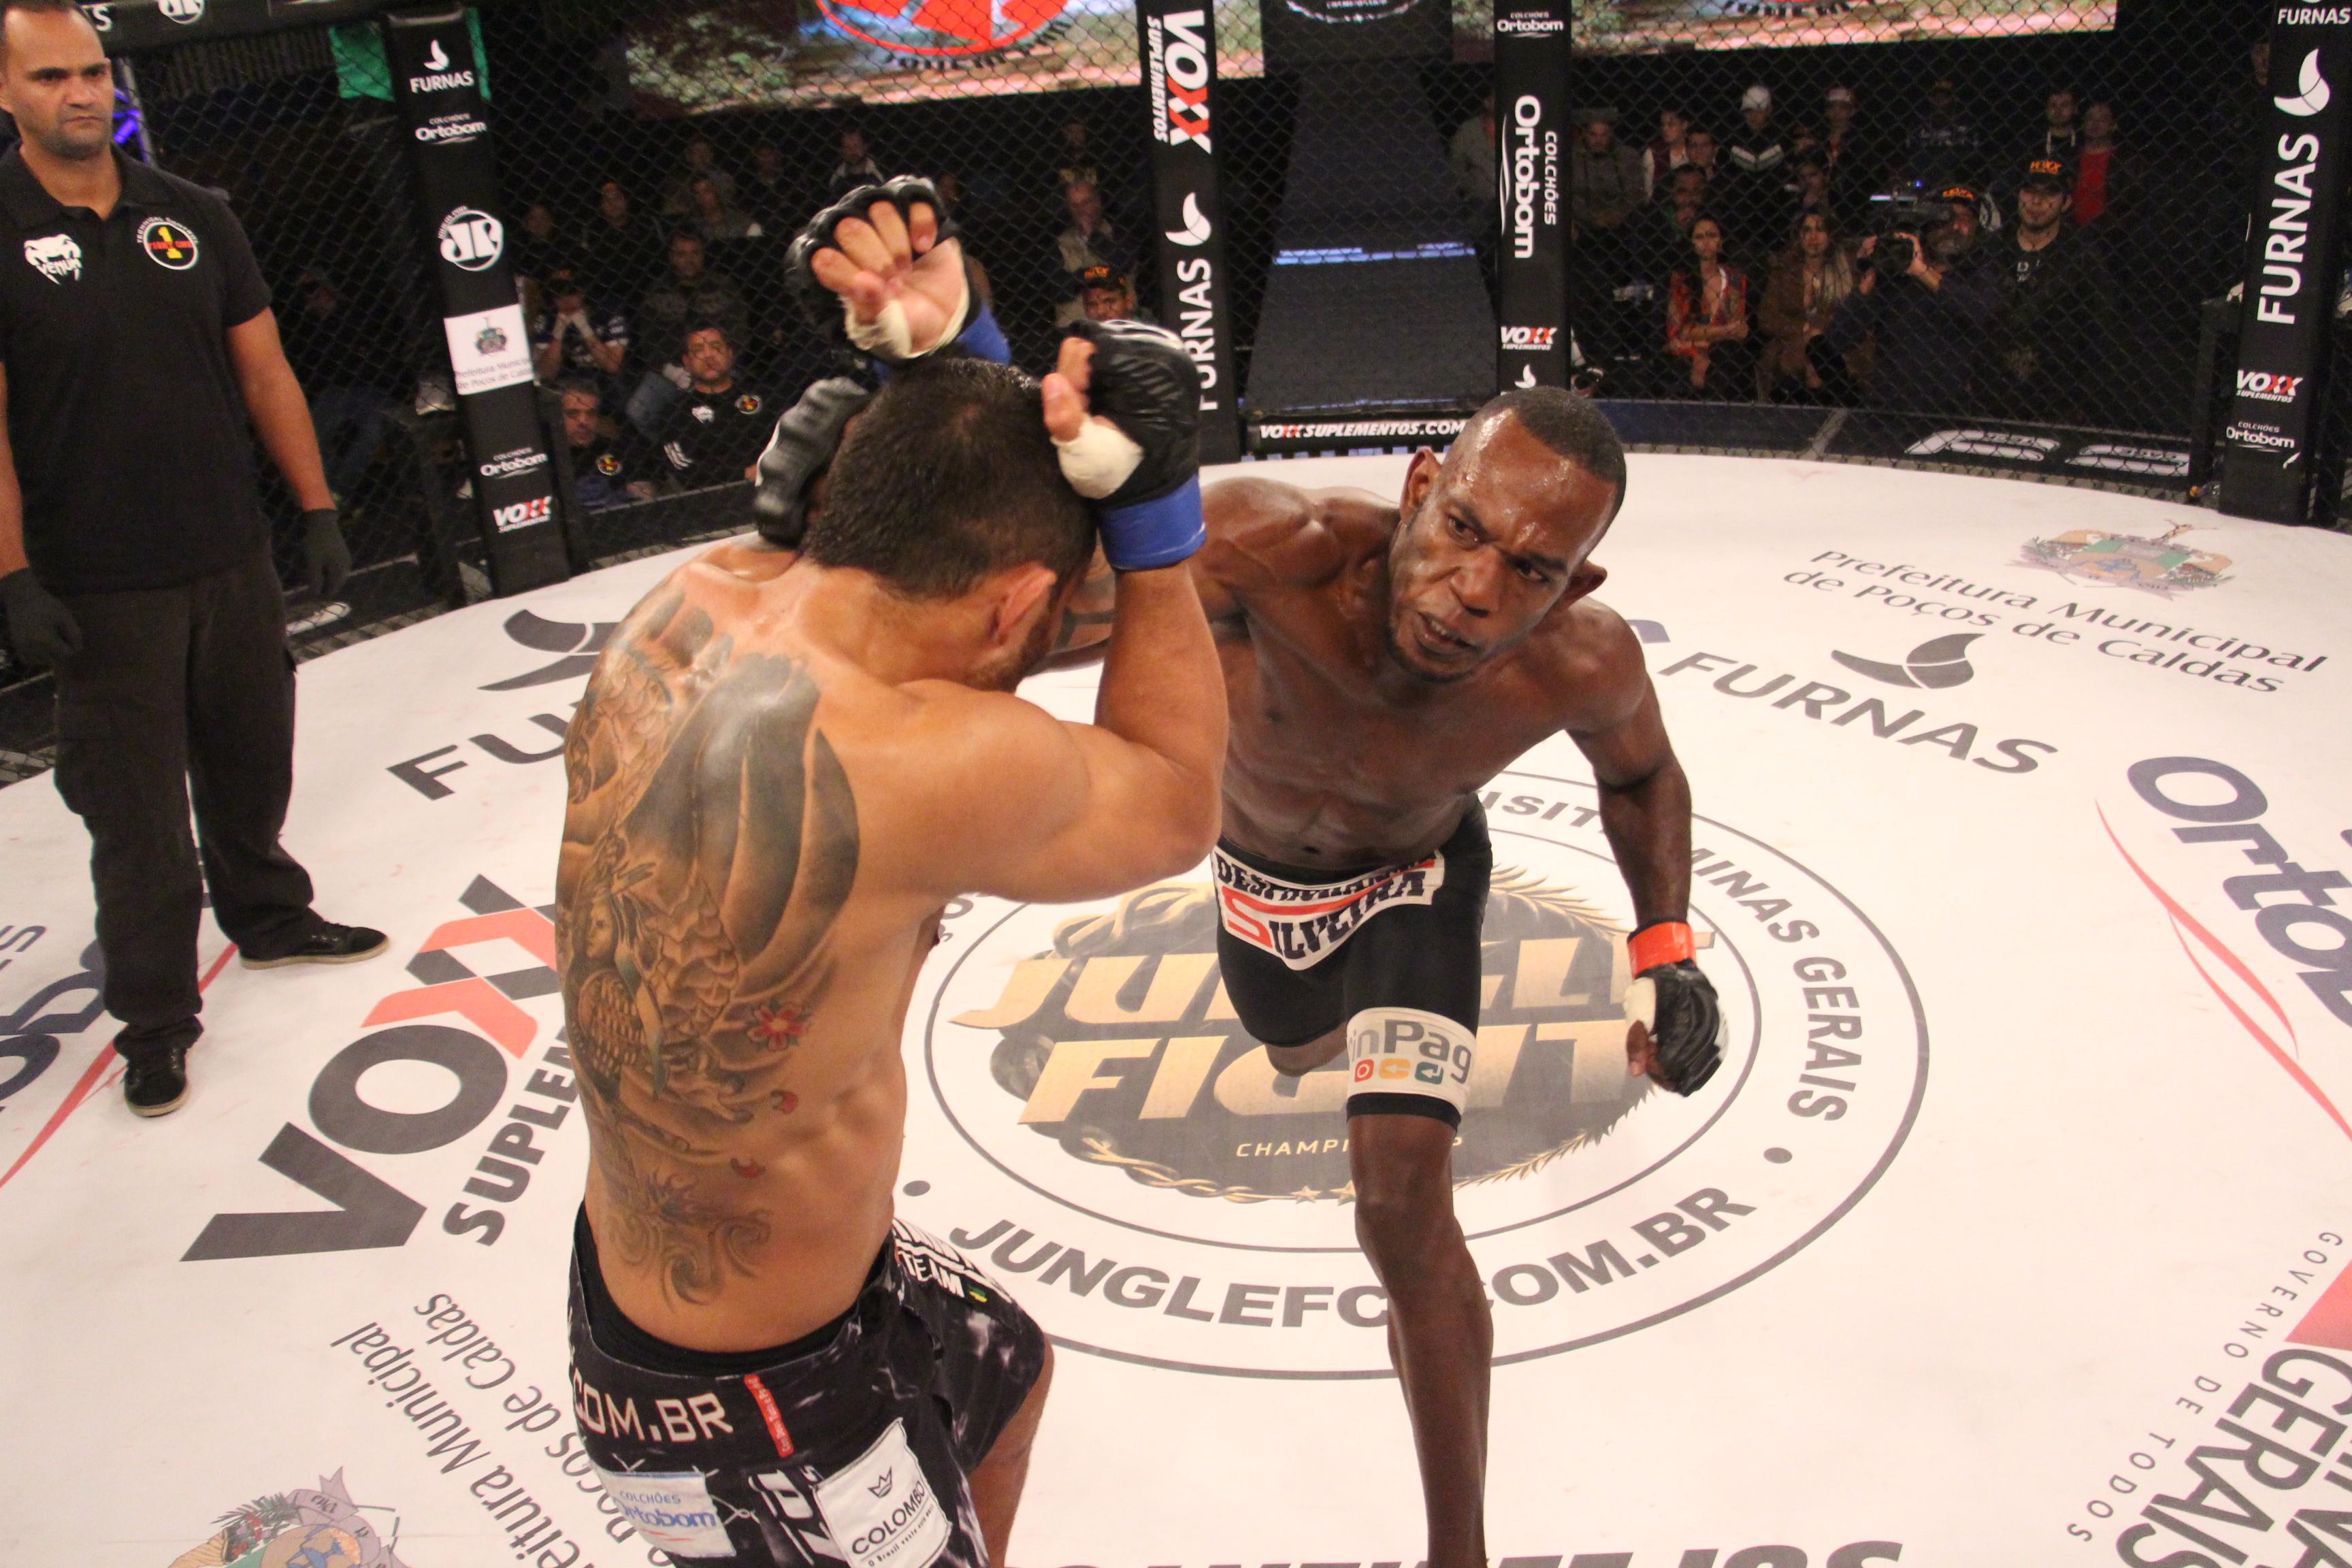 Parrudo superou Rander Junio e garantiu o cinturão dos leves. Foto: Leonardo Fabri/Jungle Fight